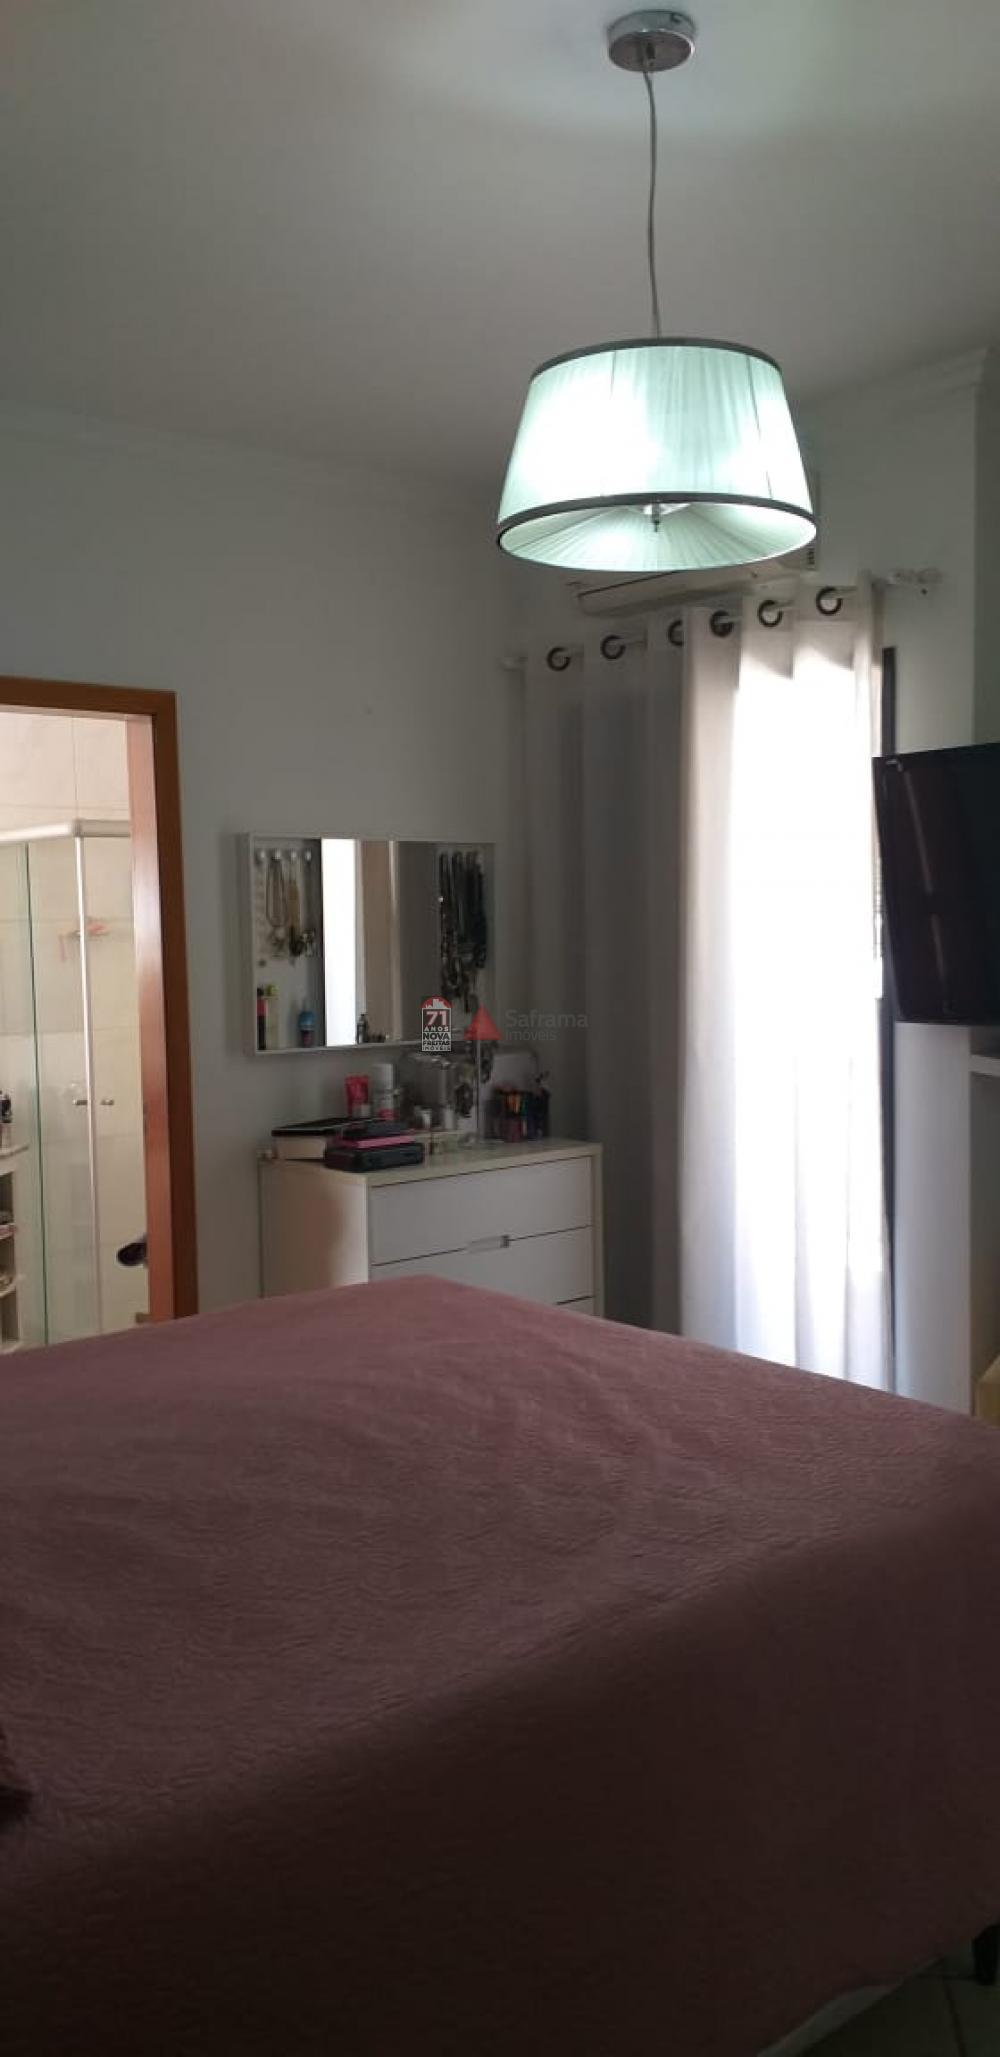 Comprar Apartamento / Padrão em São José dos Campos R$ 765.000,00 - Foto 12